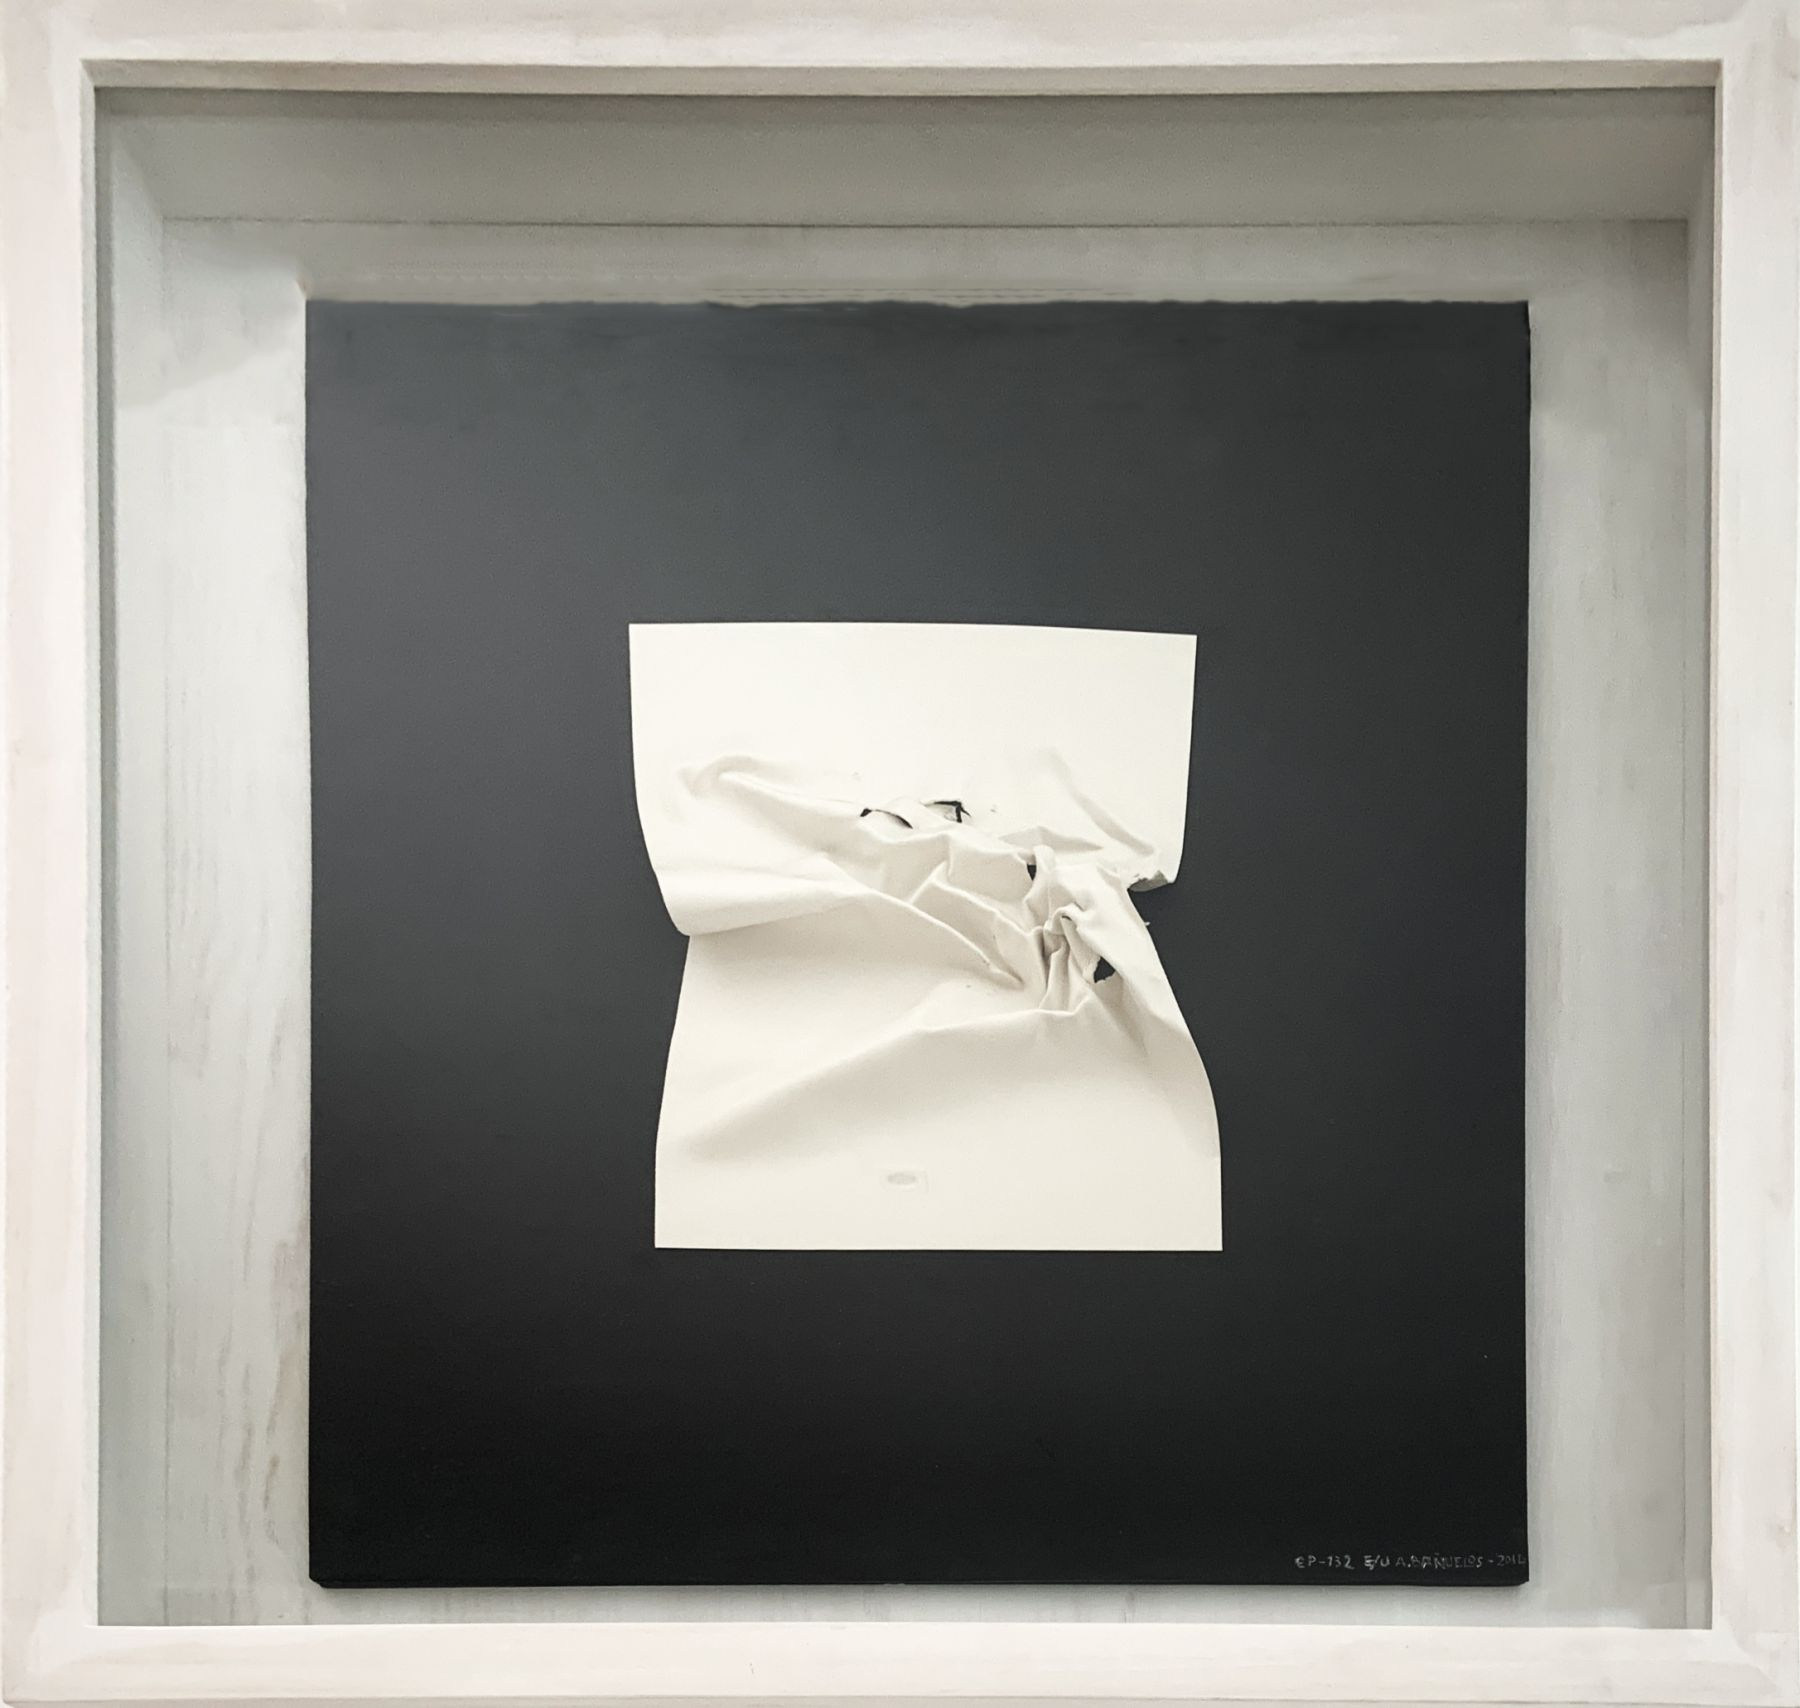 Ep 132 from Piedra Y Algodón by Alberto Bañuelos at Hoerle-Guggenheim Contemporary